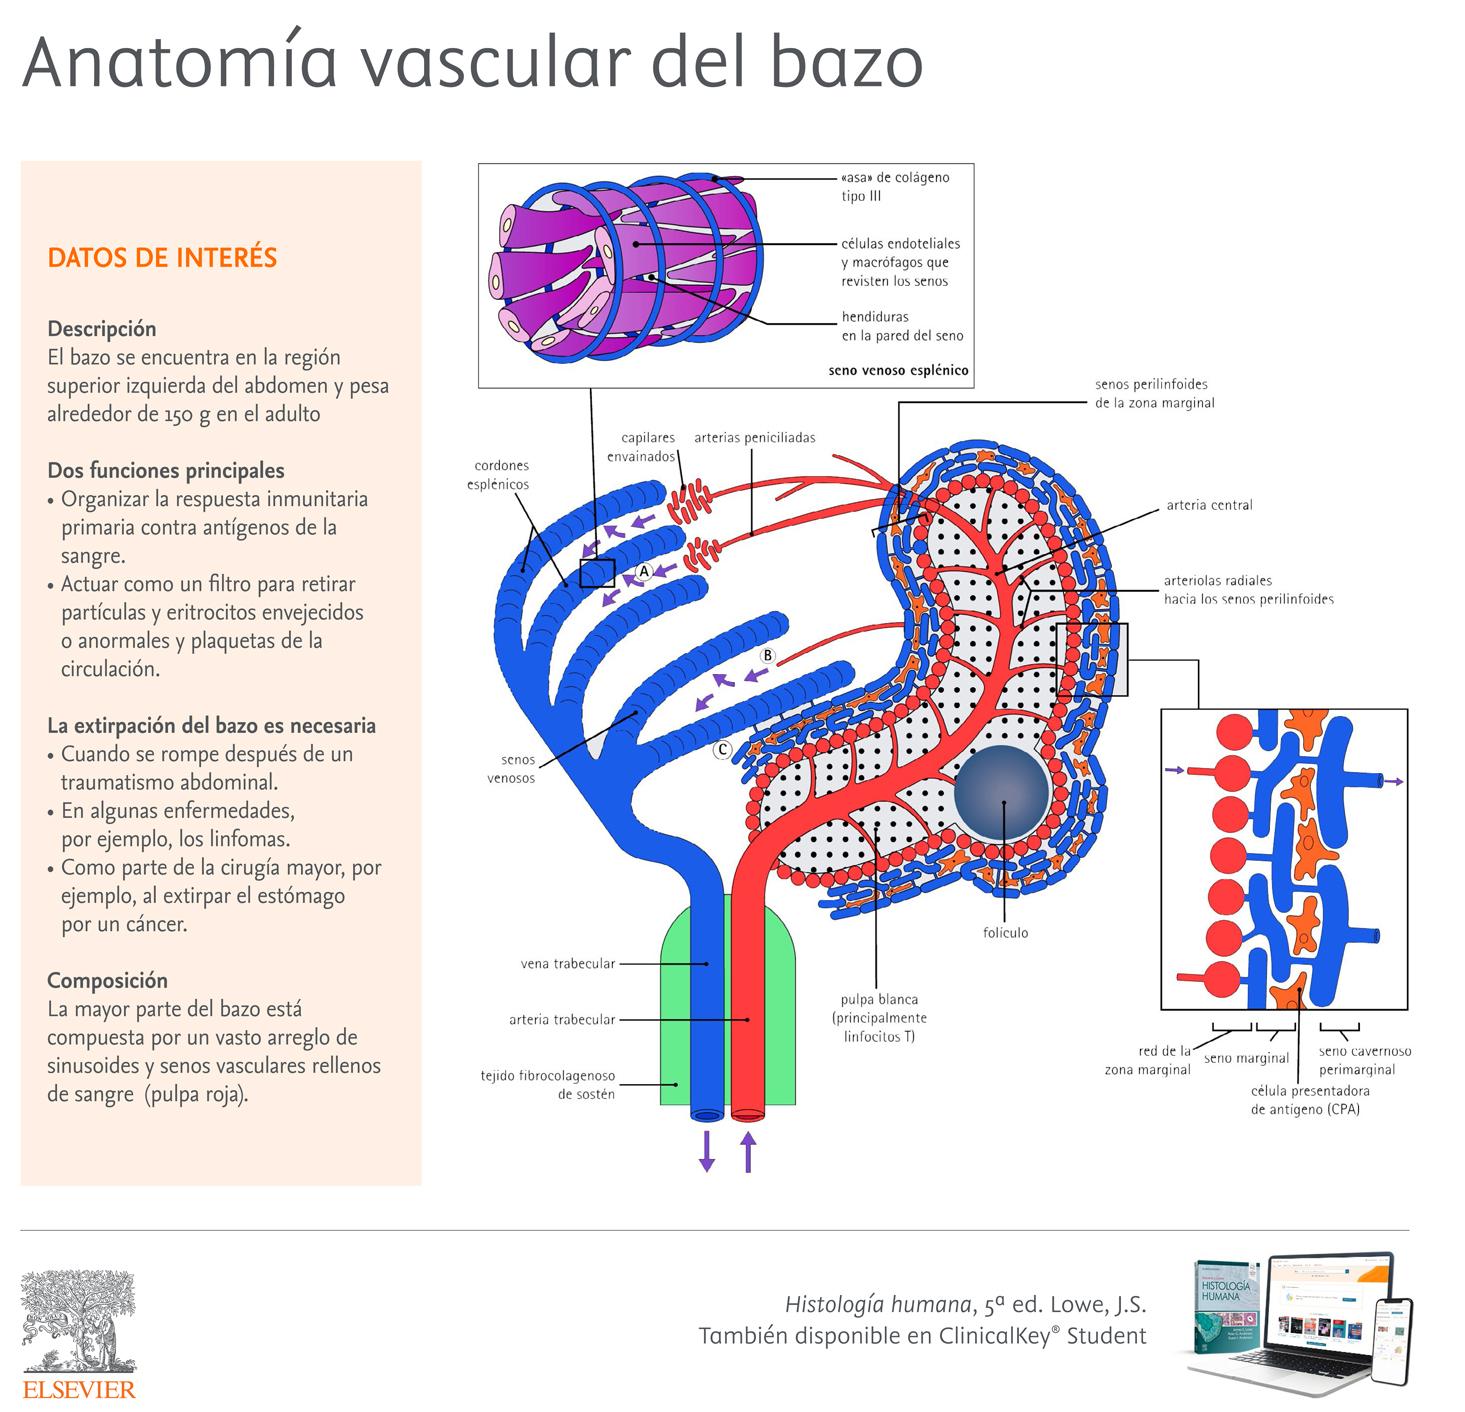 Apuntes de Histología. Anatomía vascular del bazo